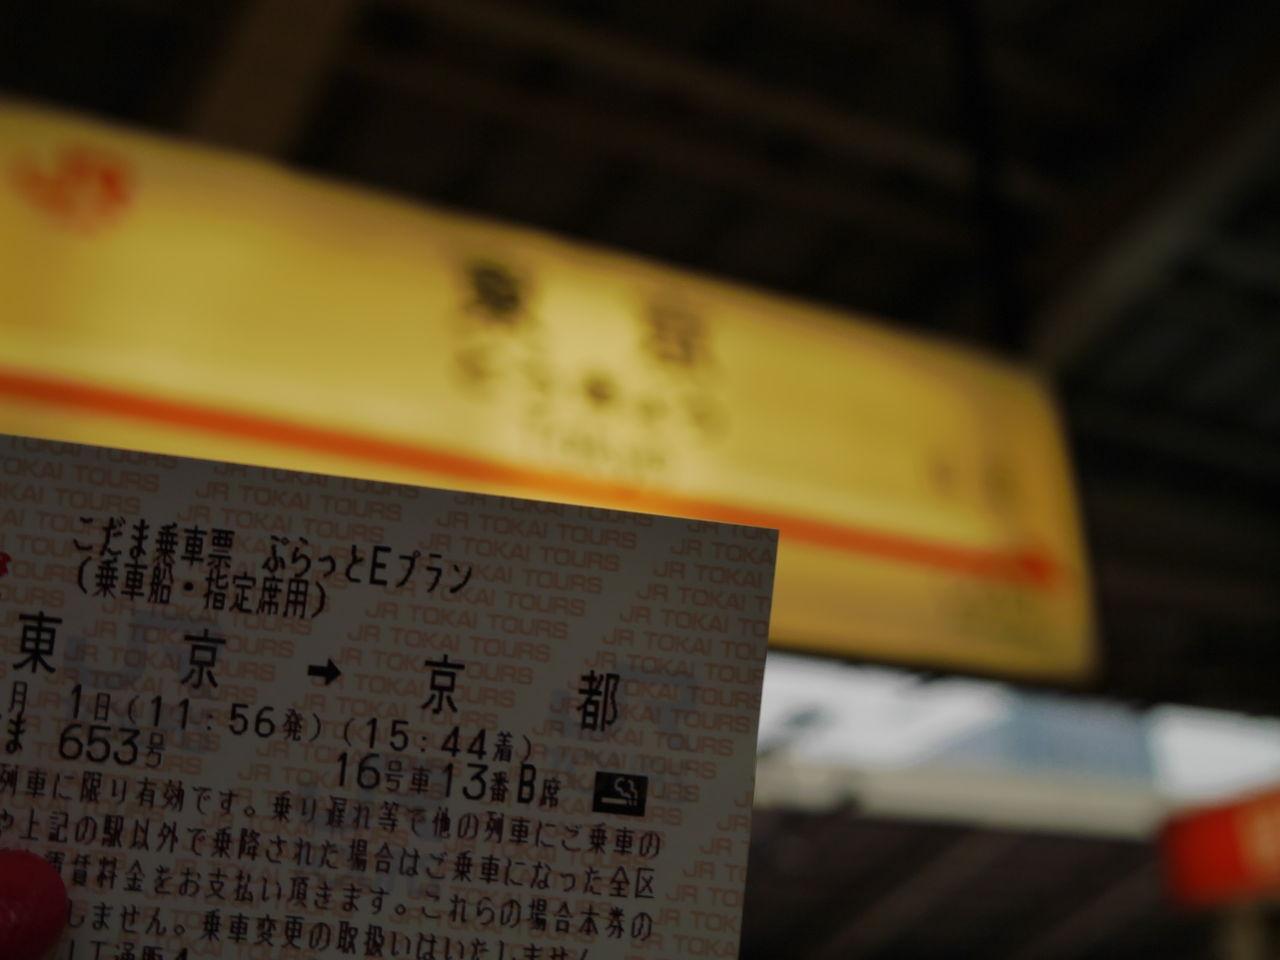 旅】京都まで約4時間。新幹線ぷらっとこだまが全然ぷらっとじゃない件